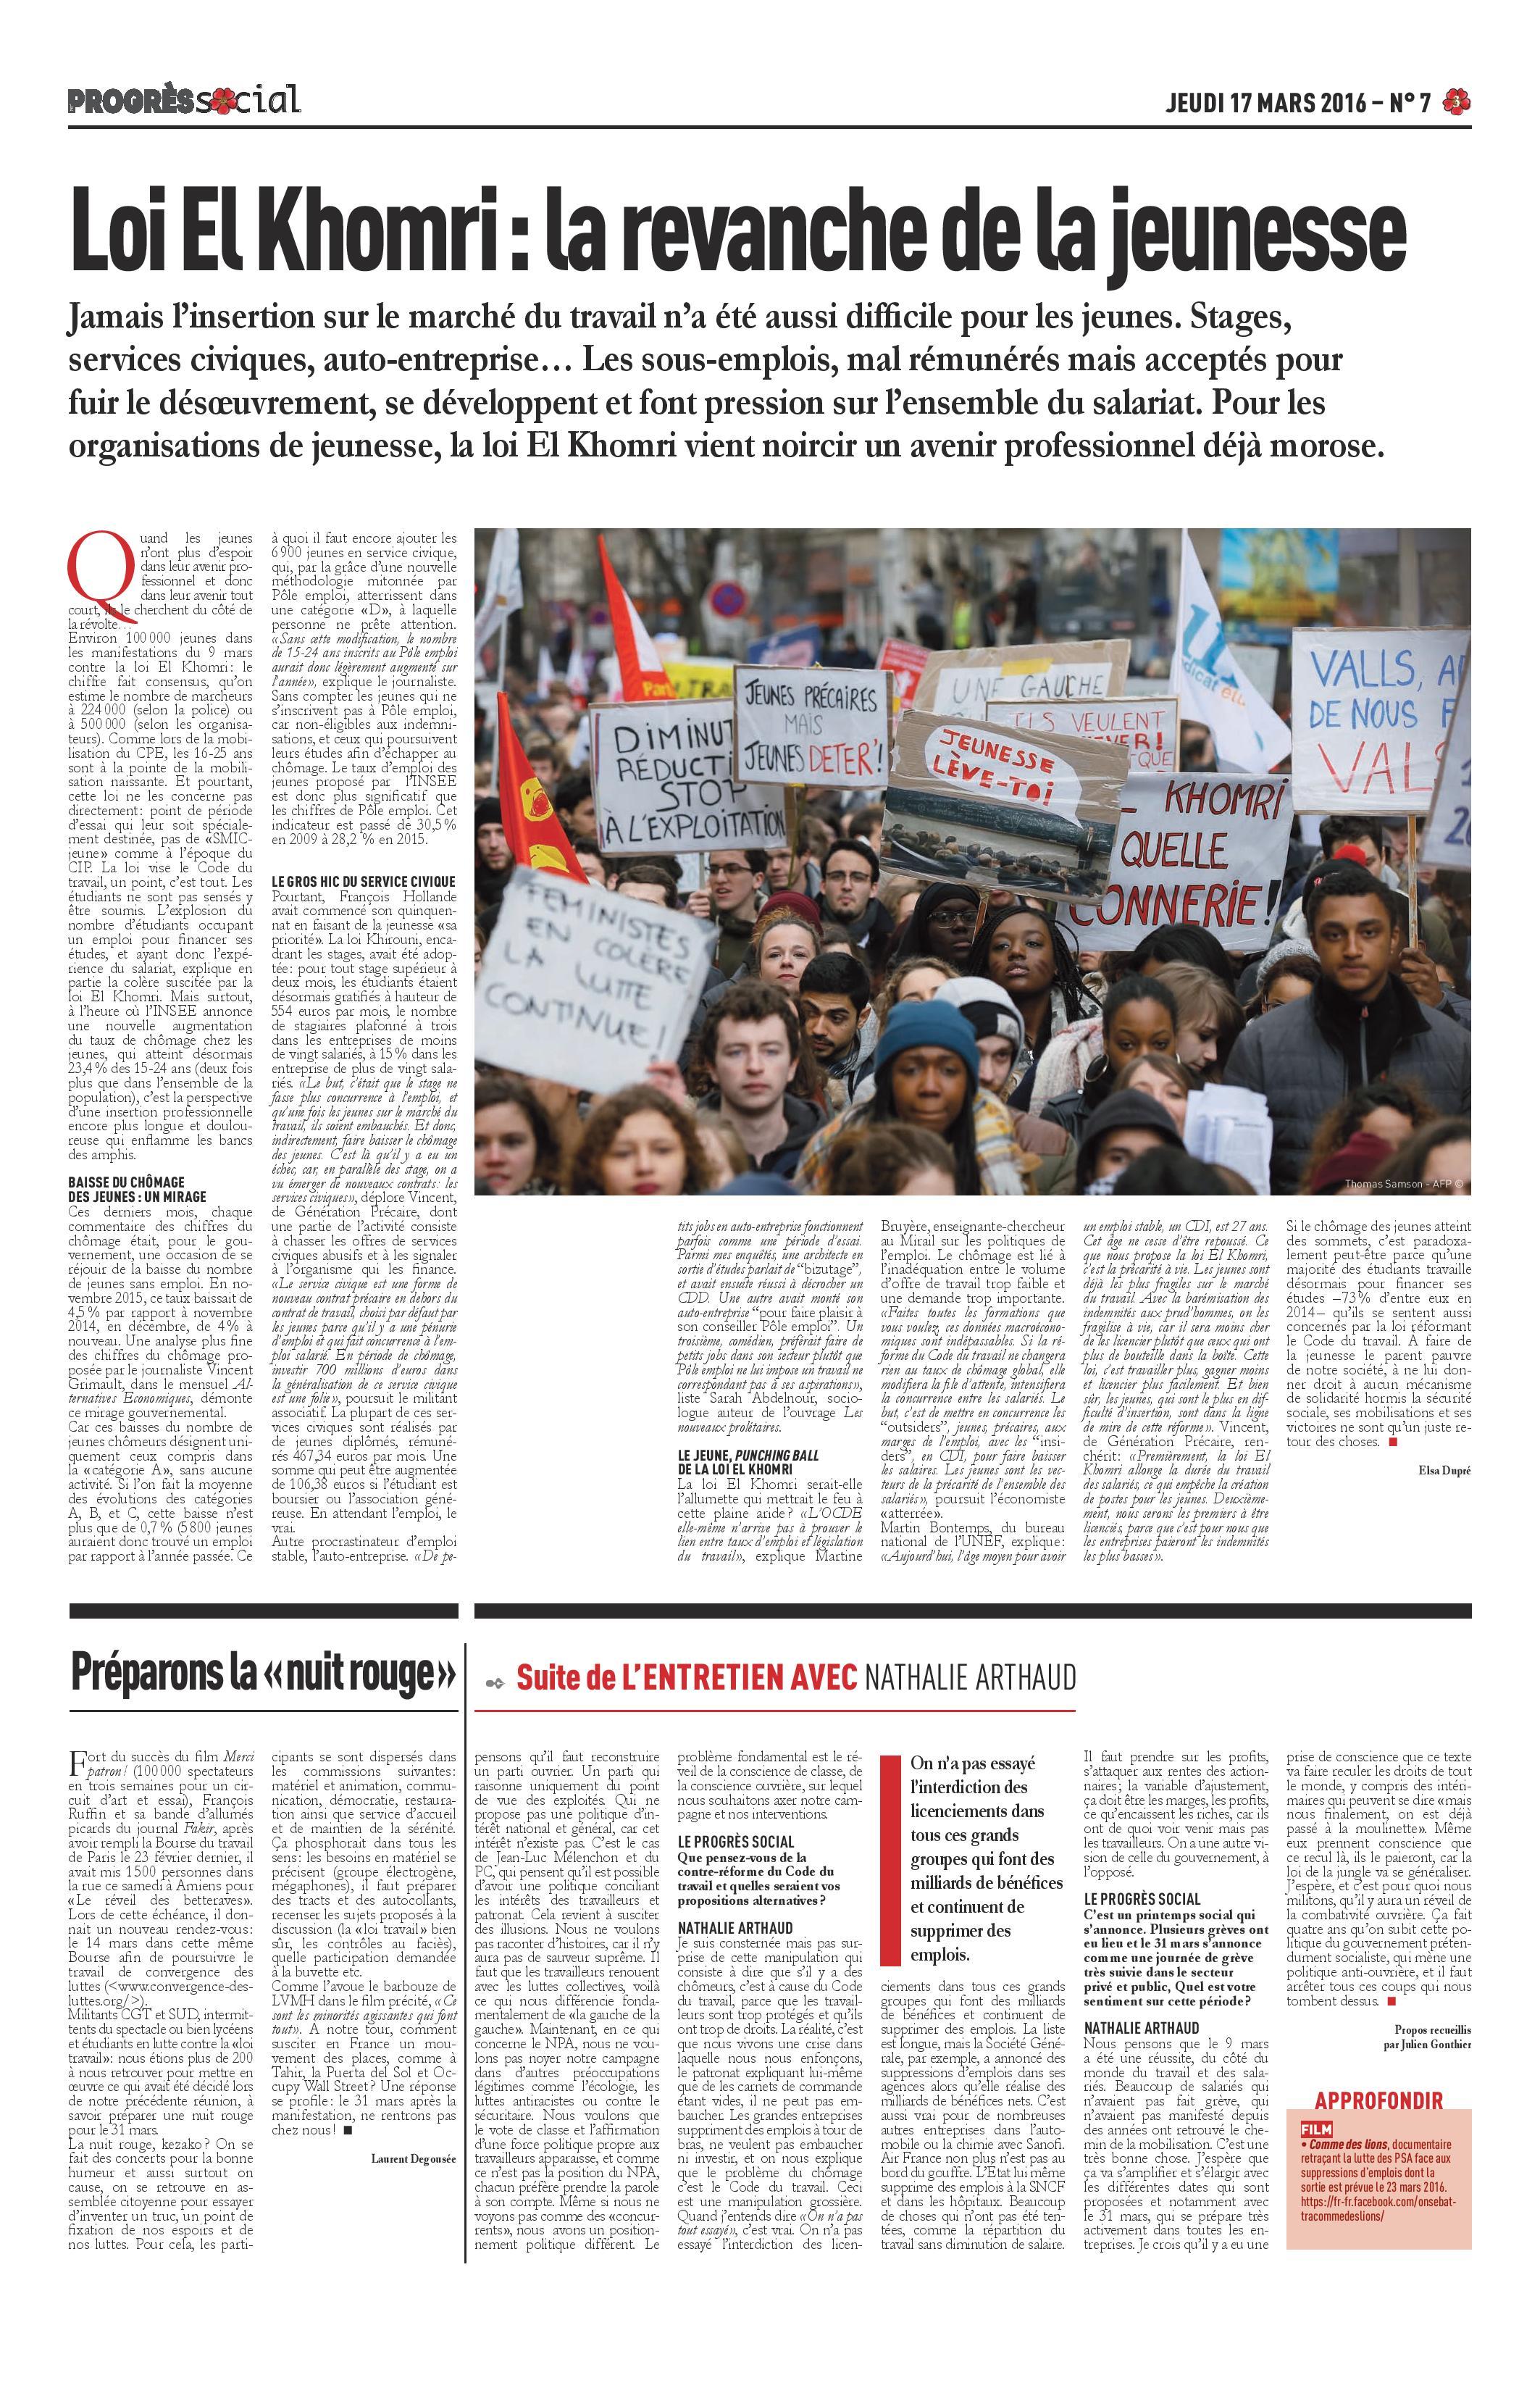 Le Progres social 7 - 17032016-3-3-page-001